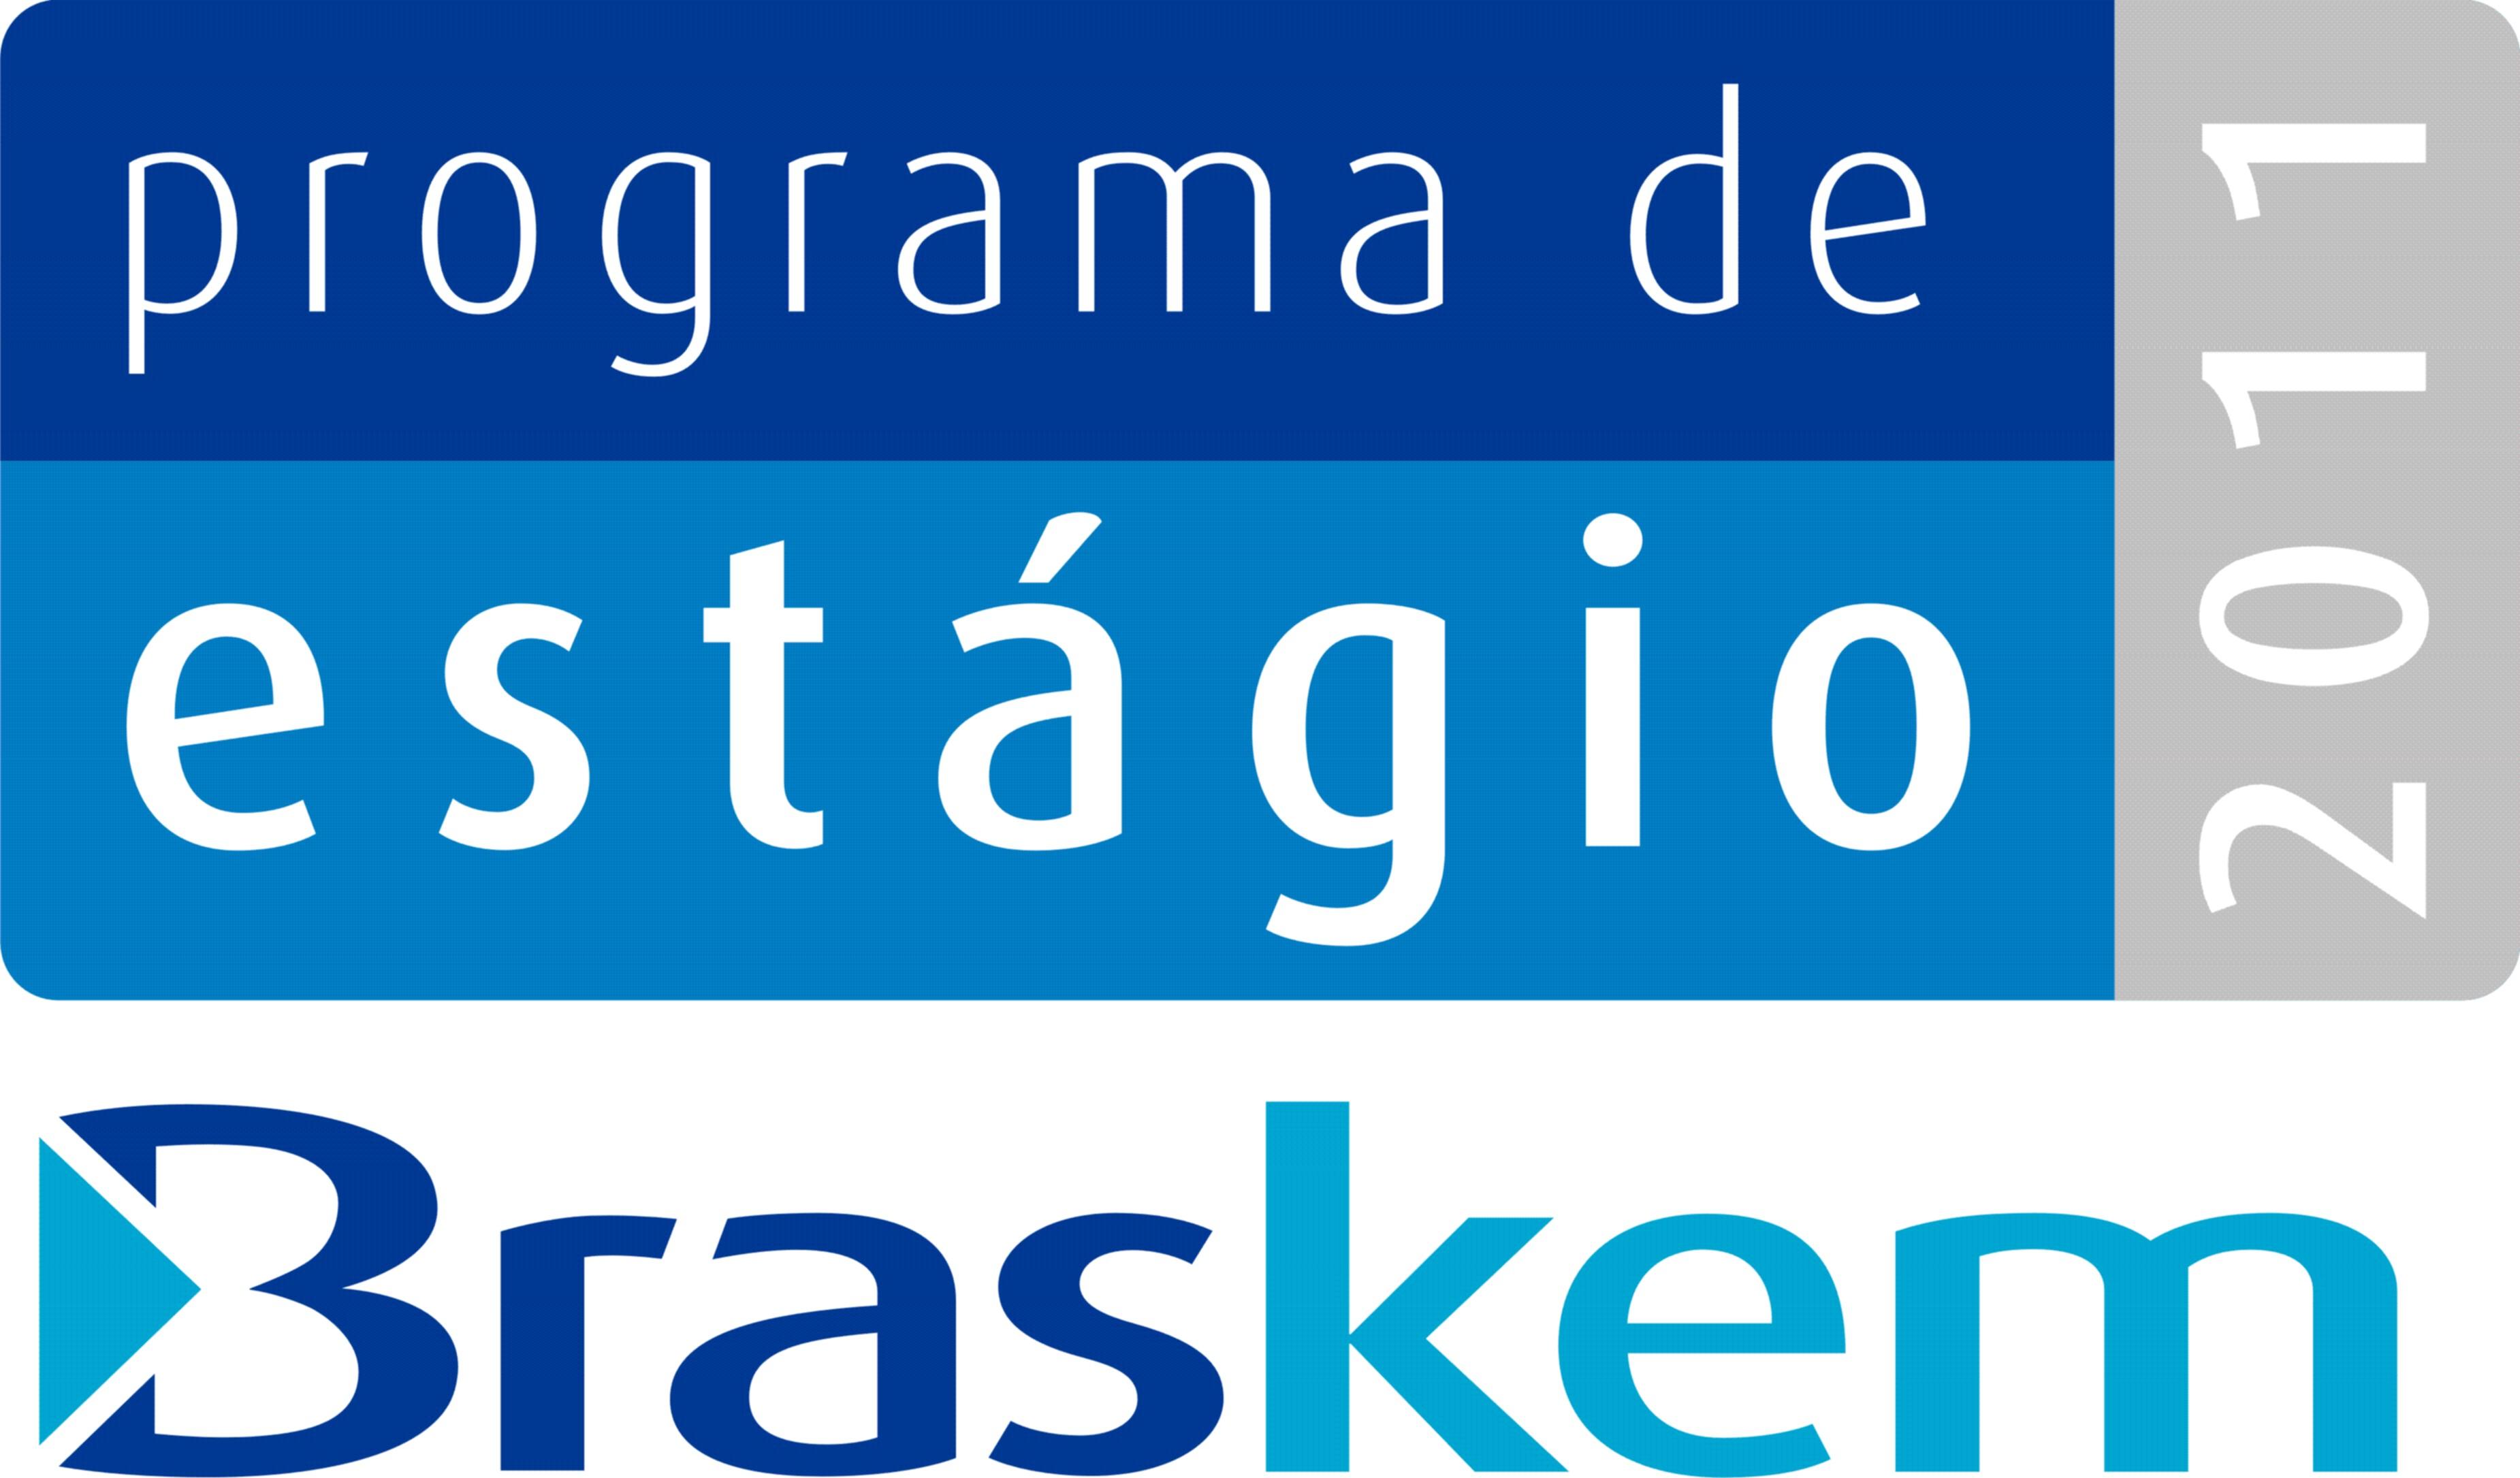 Estágio Braskem 2011- Inscrições Abertas